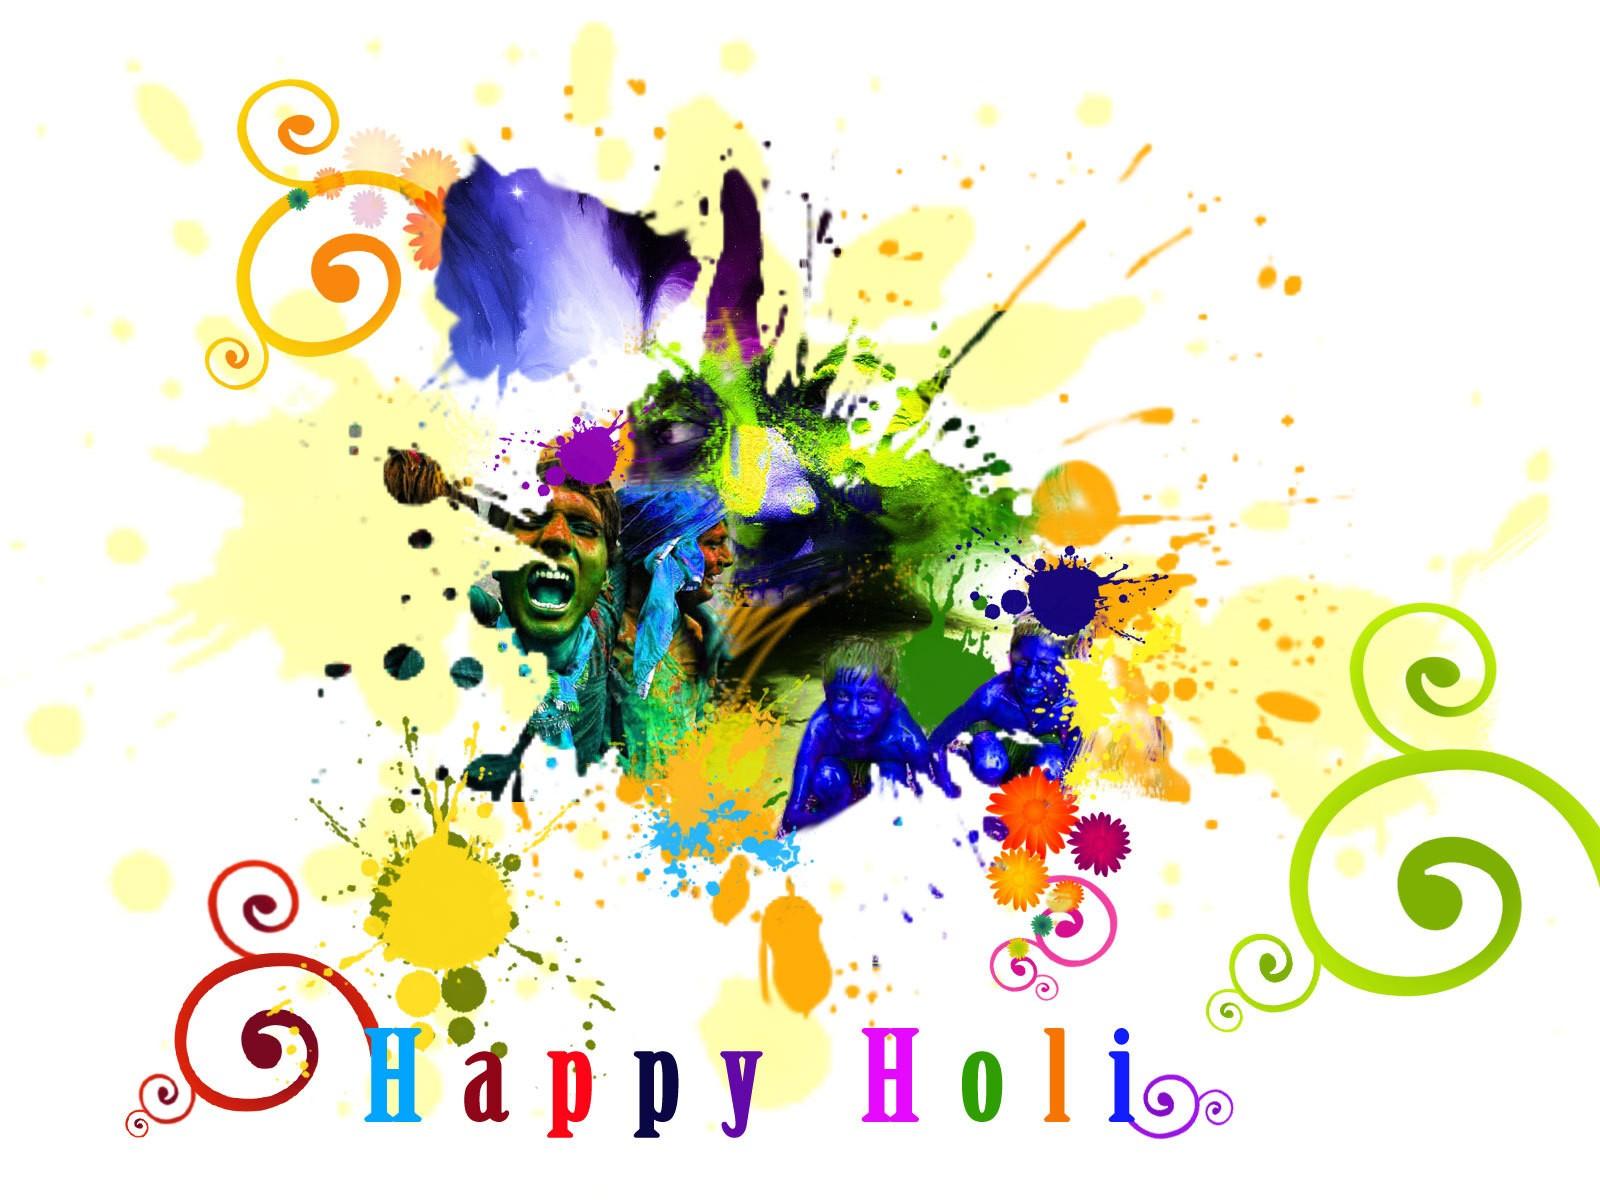 Happy Holi sms MessagesHoli Wishes Holi Greetings 2014Holi Cards 1600x1200